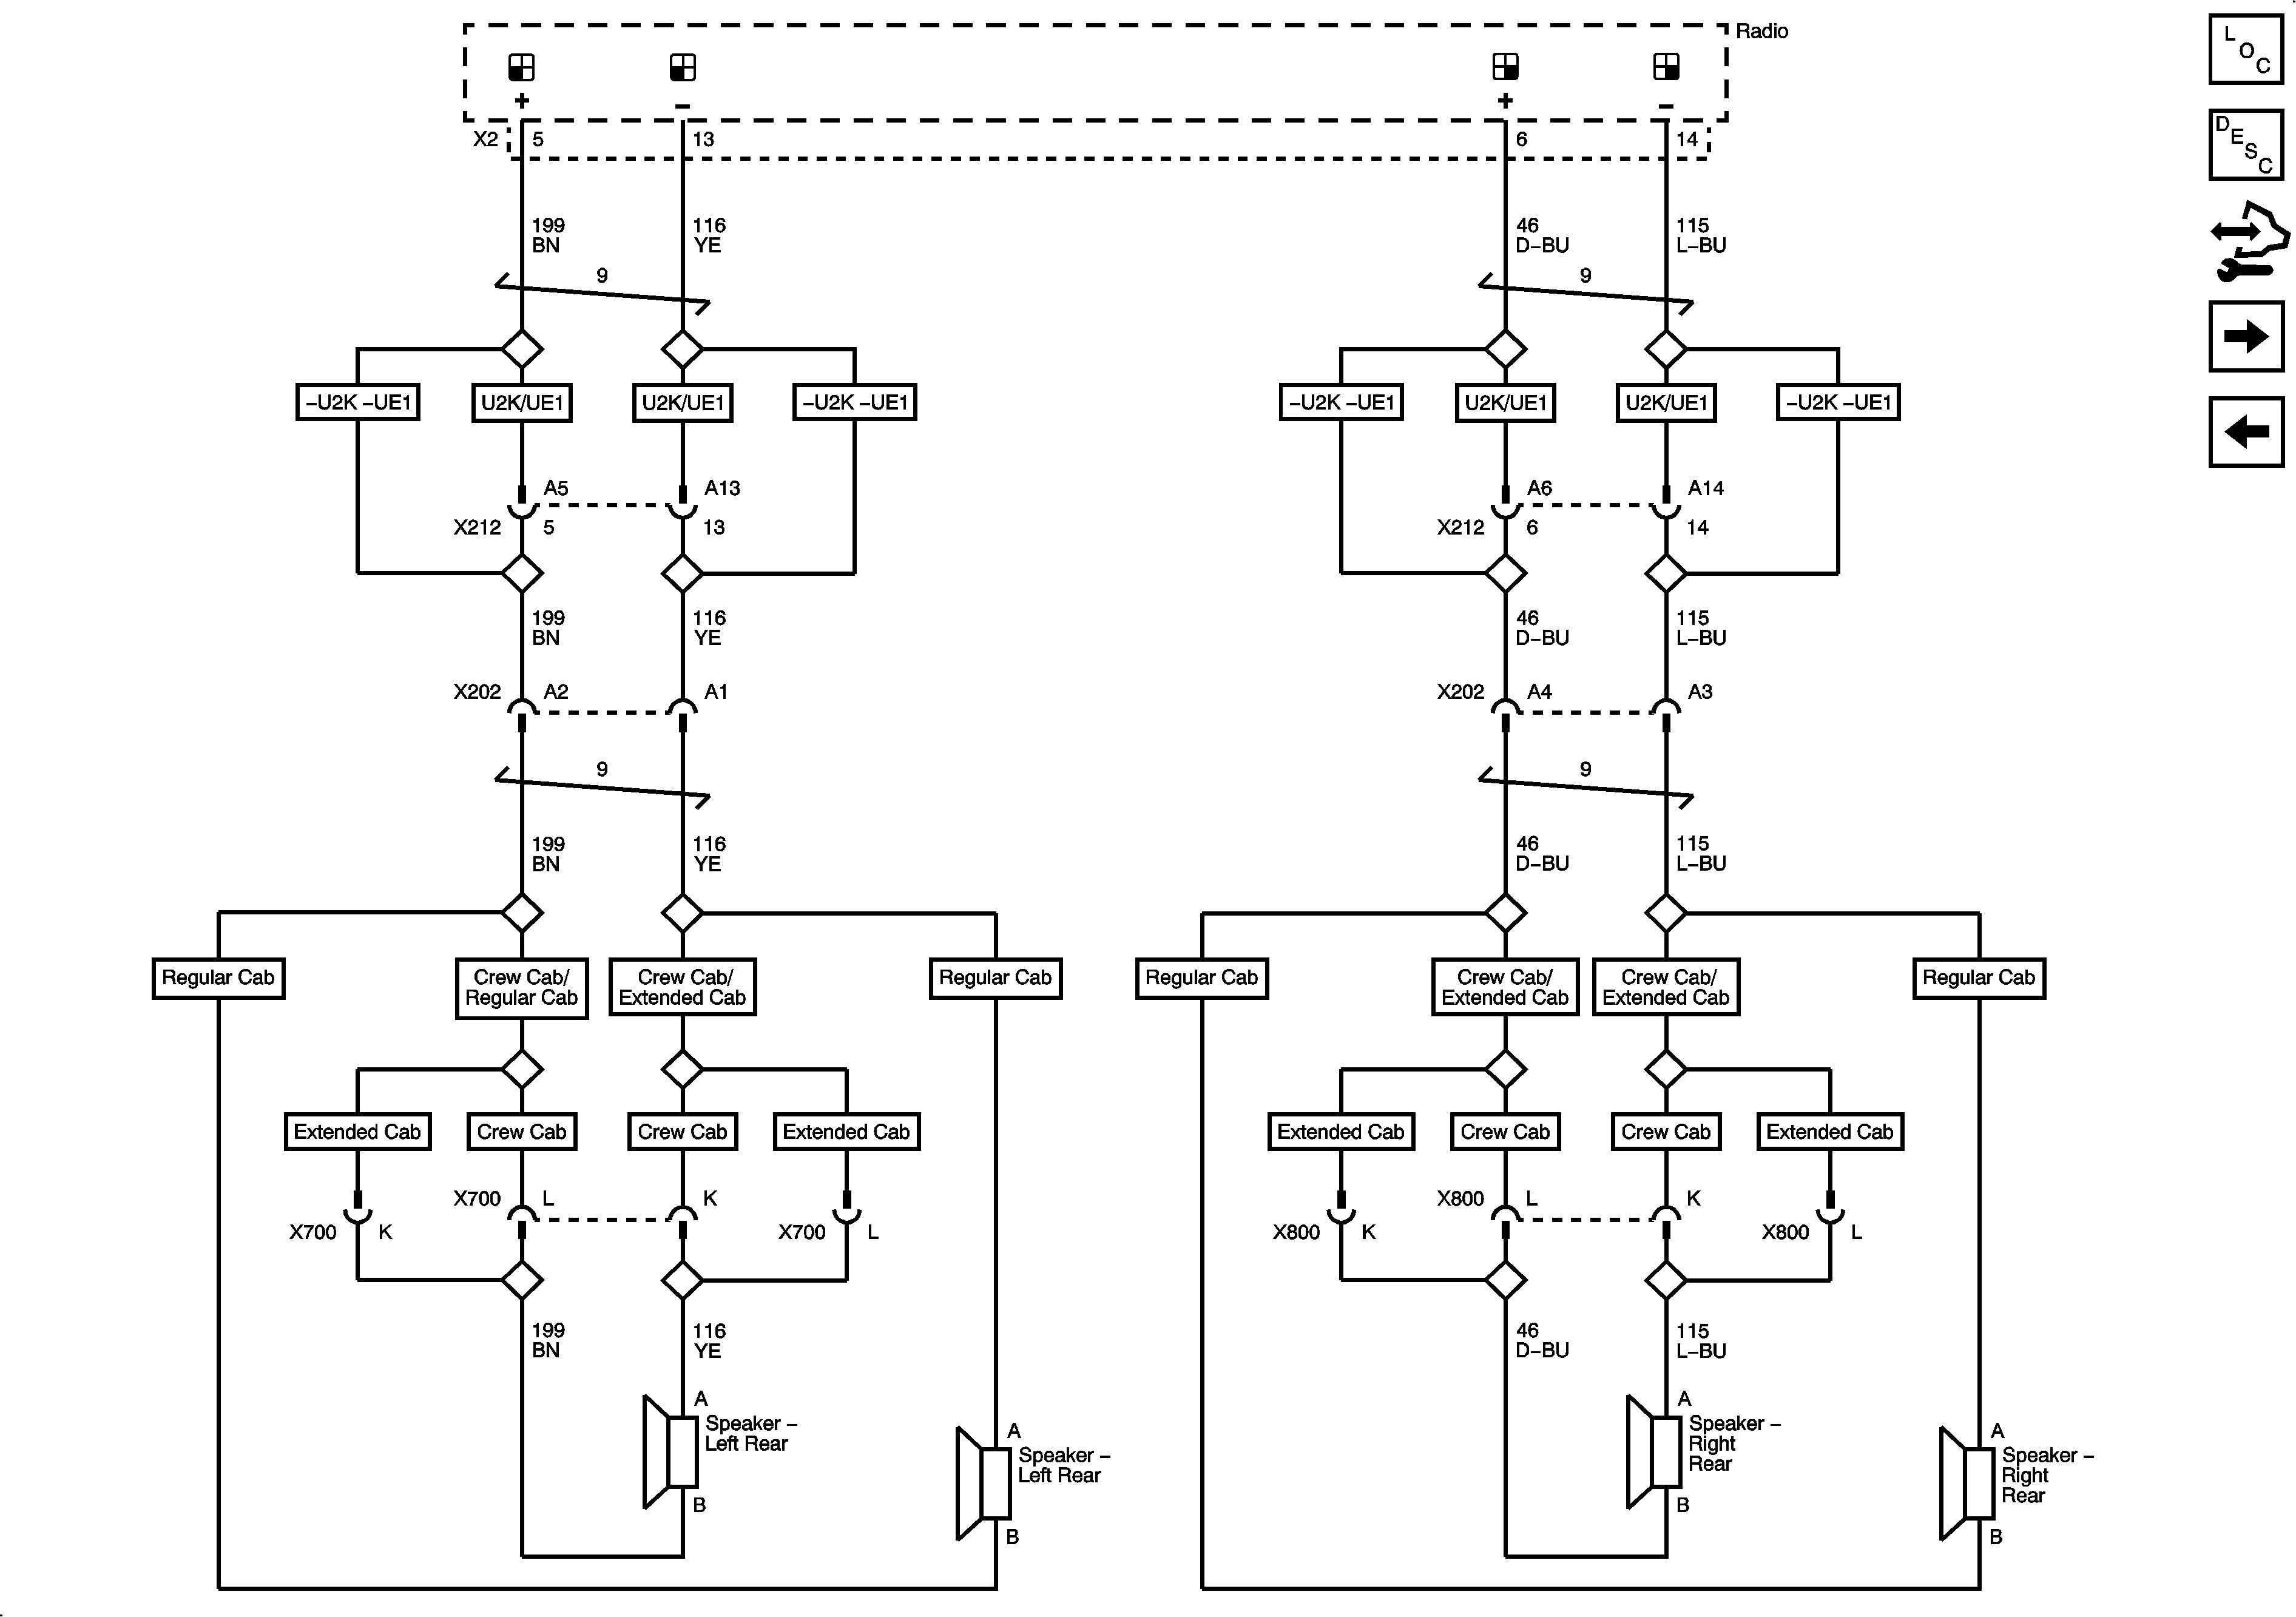 2003 Chevy Malibu Engine Diagram 2006 Chevy Malibu Radio Wiring Diagram Shahsramblings Of 2003 Chevy Malibu Engine Diagram